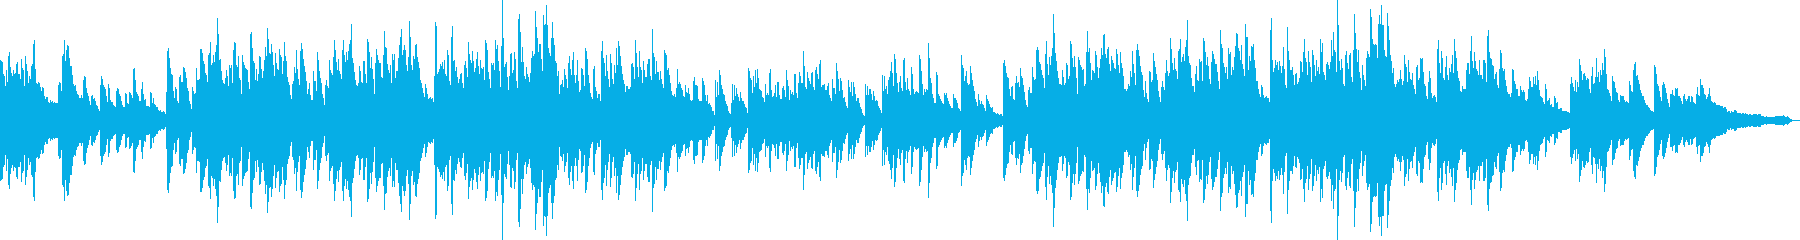 小学校で歌われていそうな合唱風ピアノソロの再生済みの波形